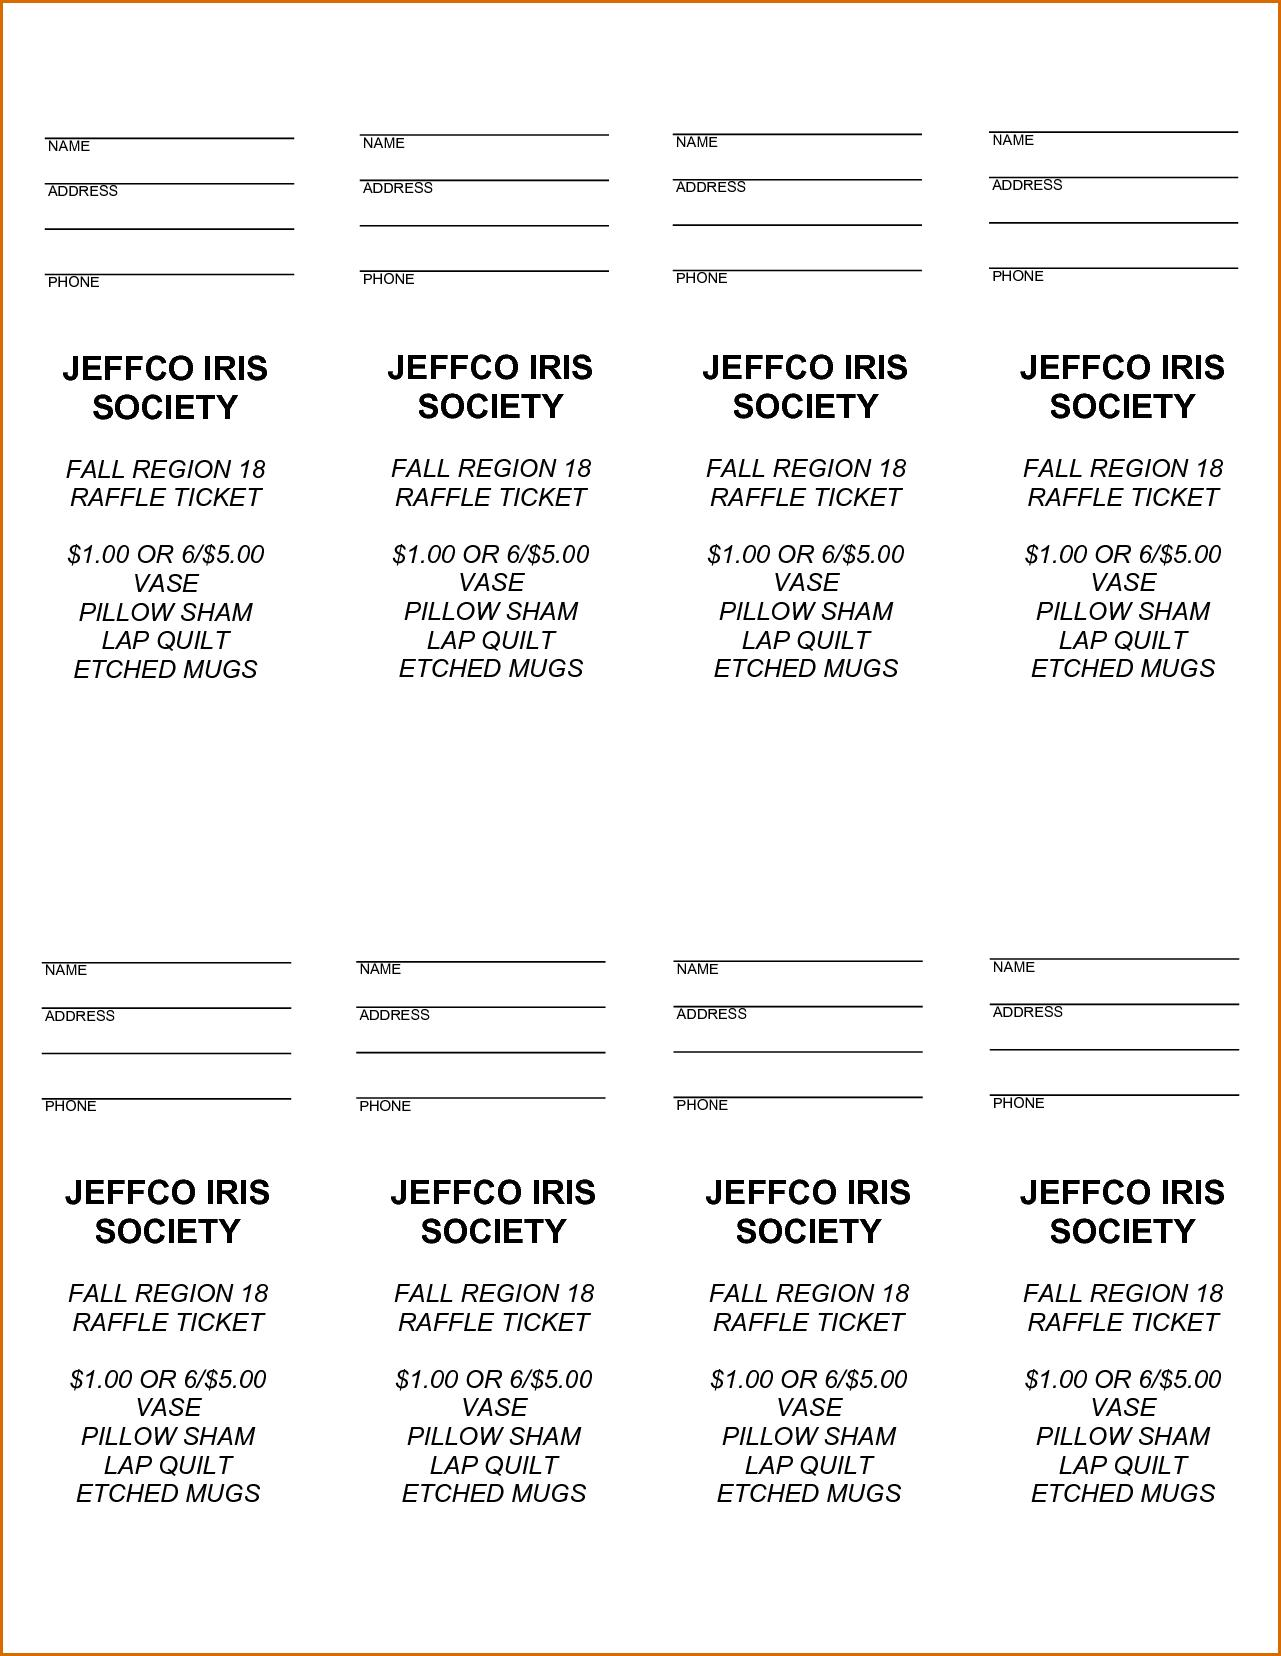 Pinjoanna Keysa On Free Tamplate | Ticket Template, Raffle - Free Printable Raffle Ticket Template Download